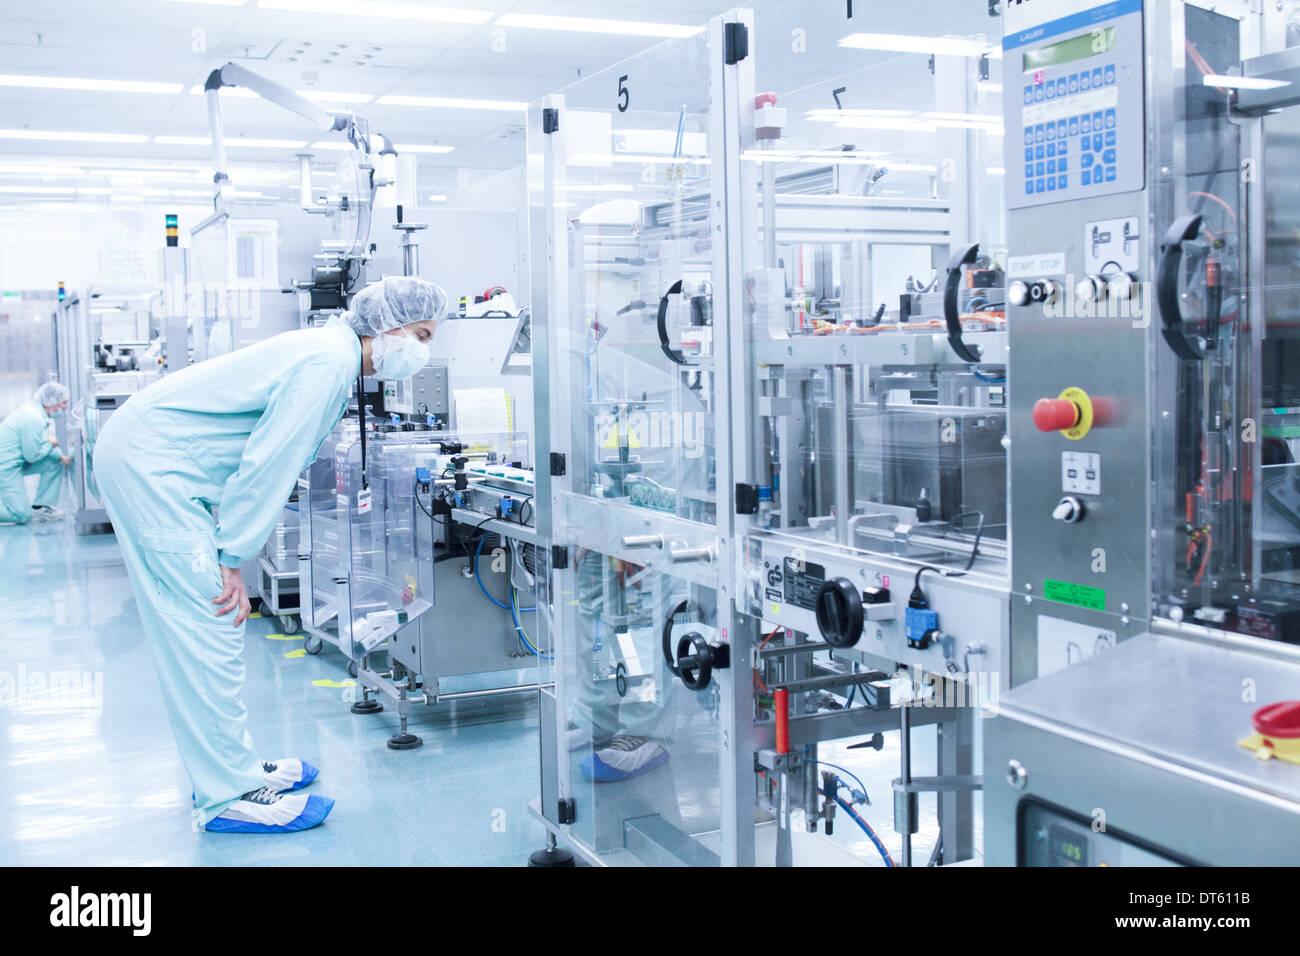 Técnico de laboratorio doblando a examinar detenidamente en la máquina Imagen De Stock